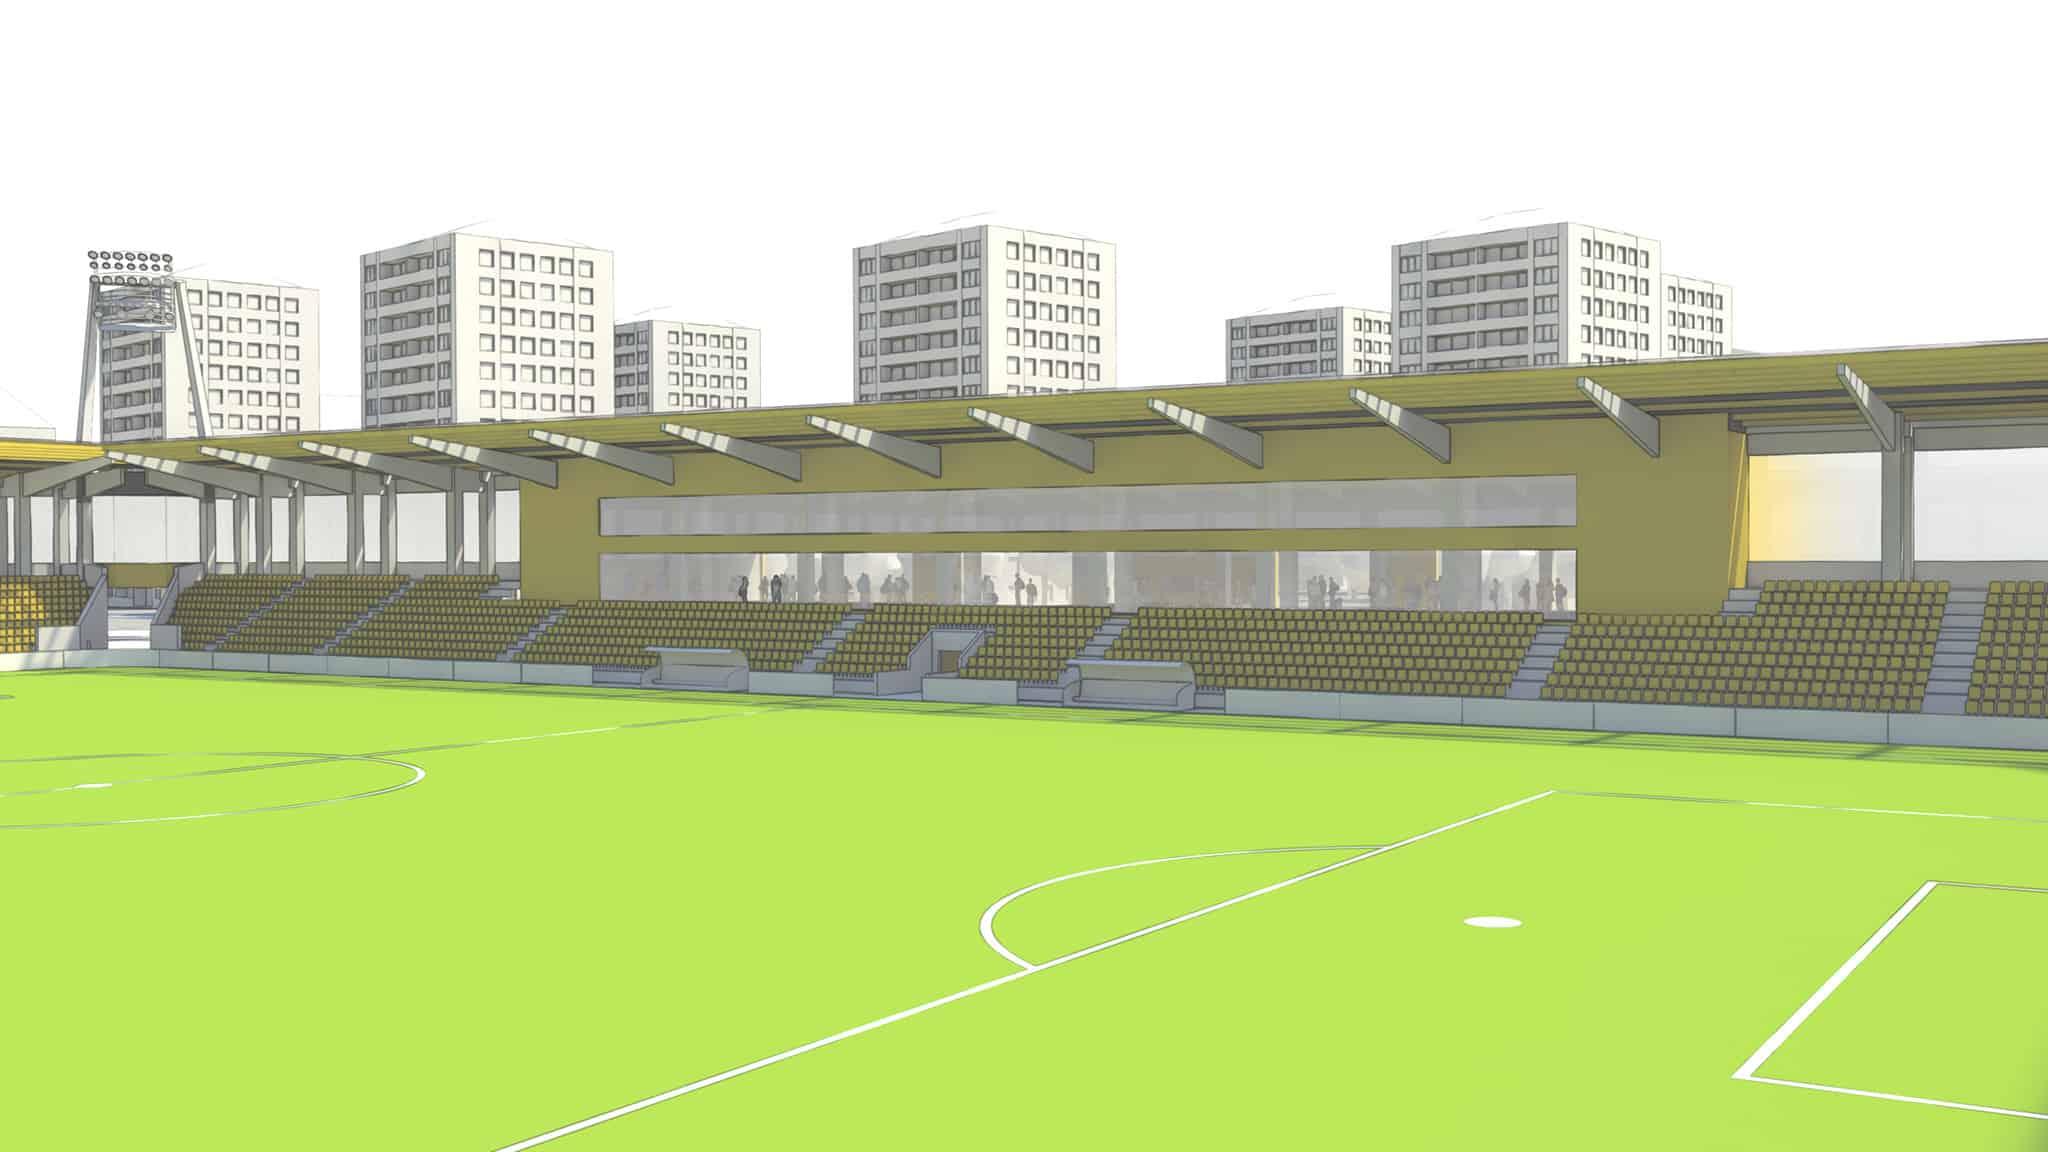 Schemenhafte Darstellung vom Spielfeld eines Fußballstadions